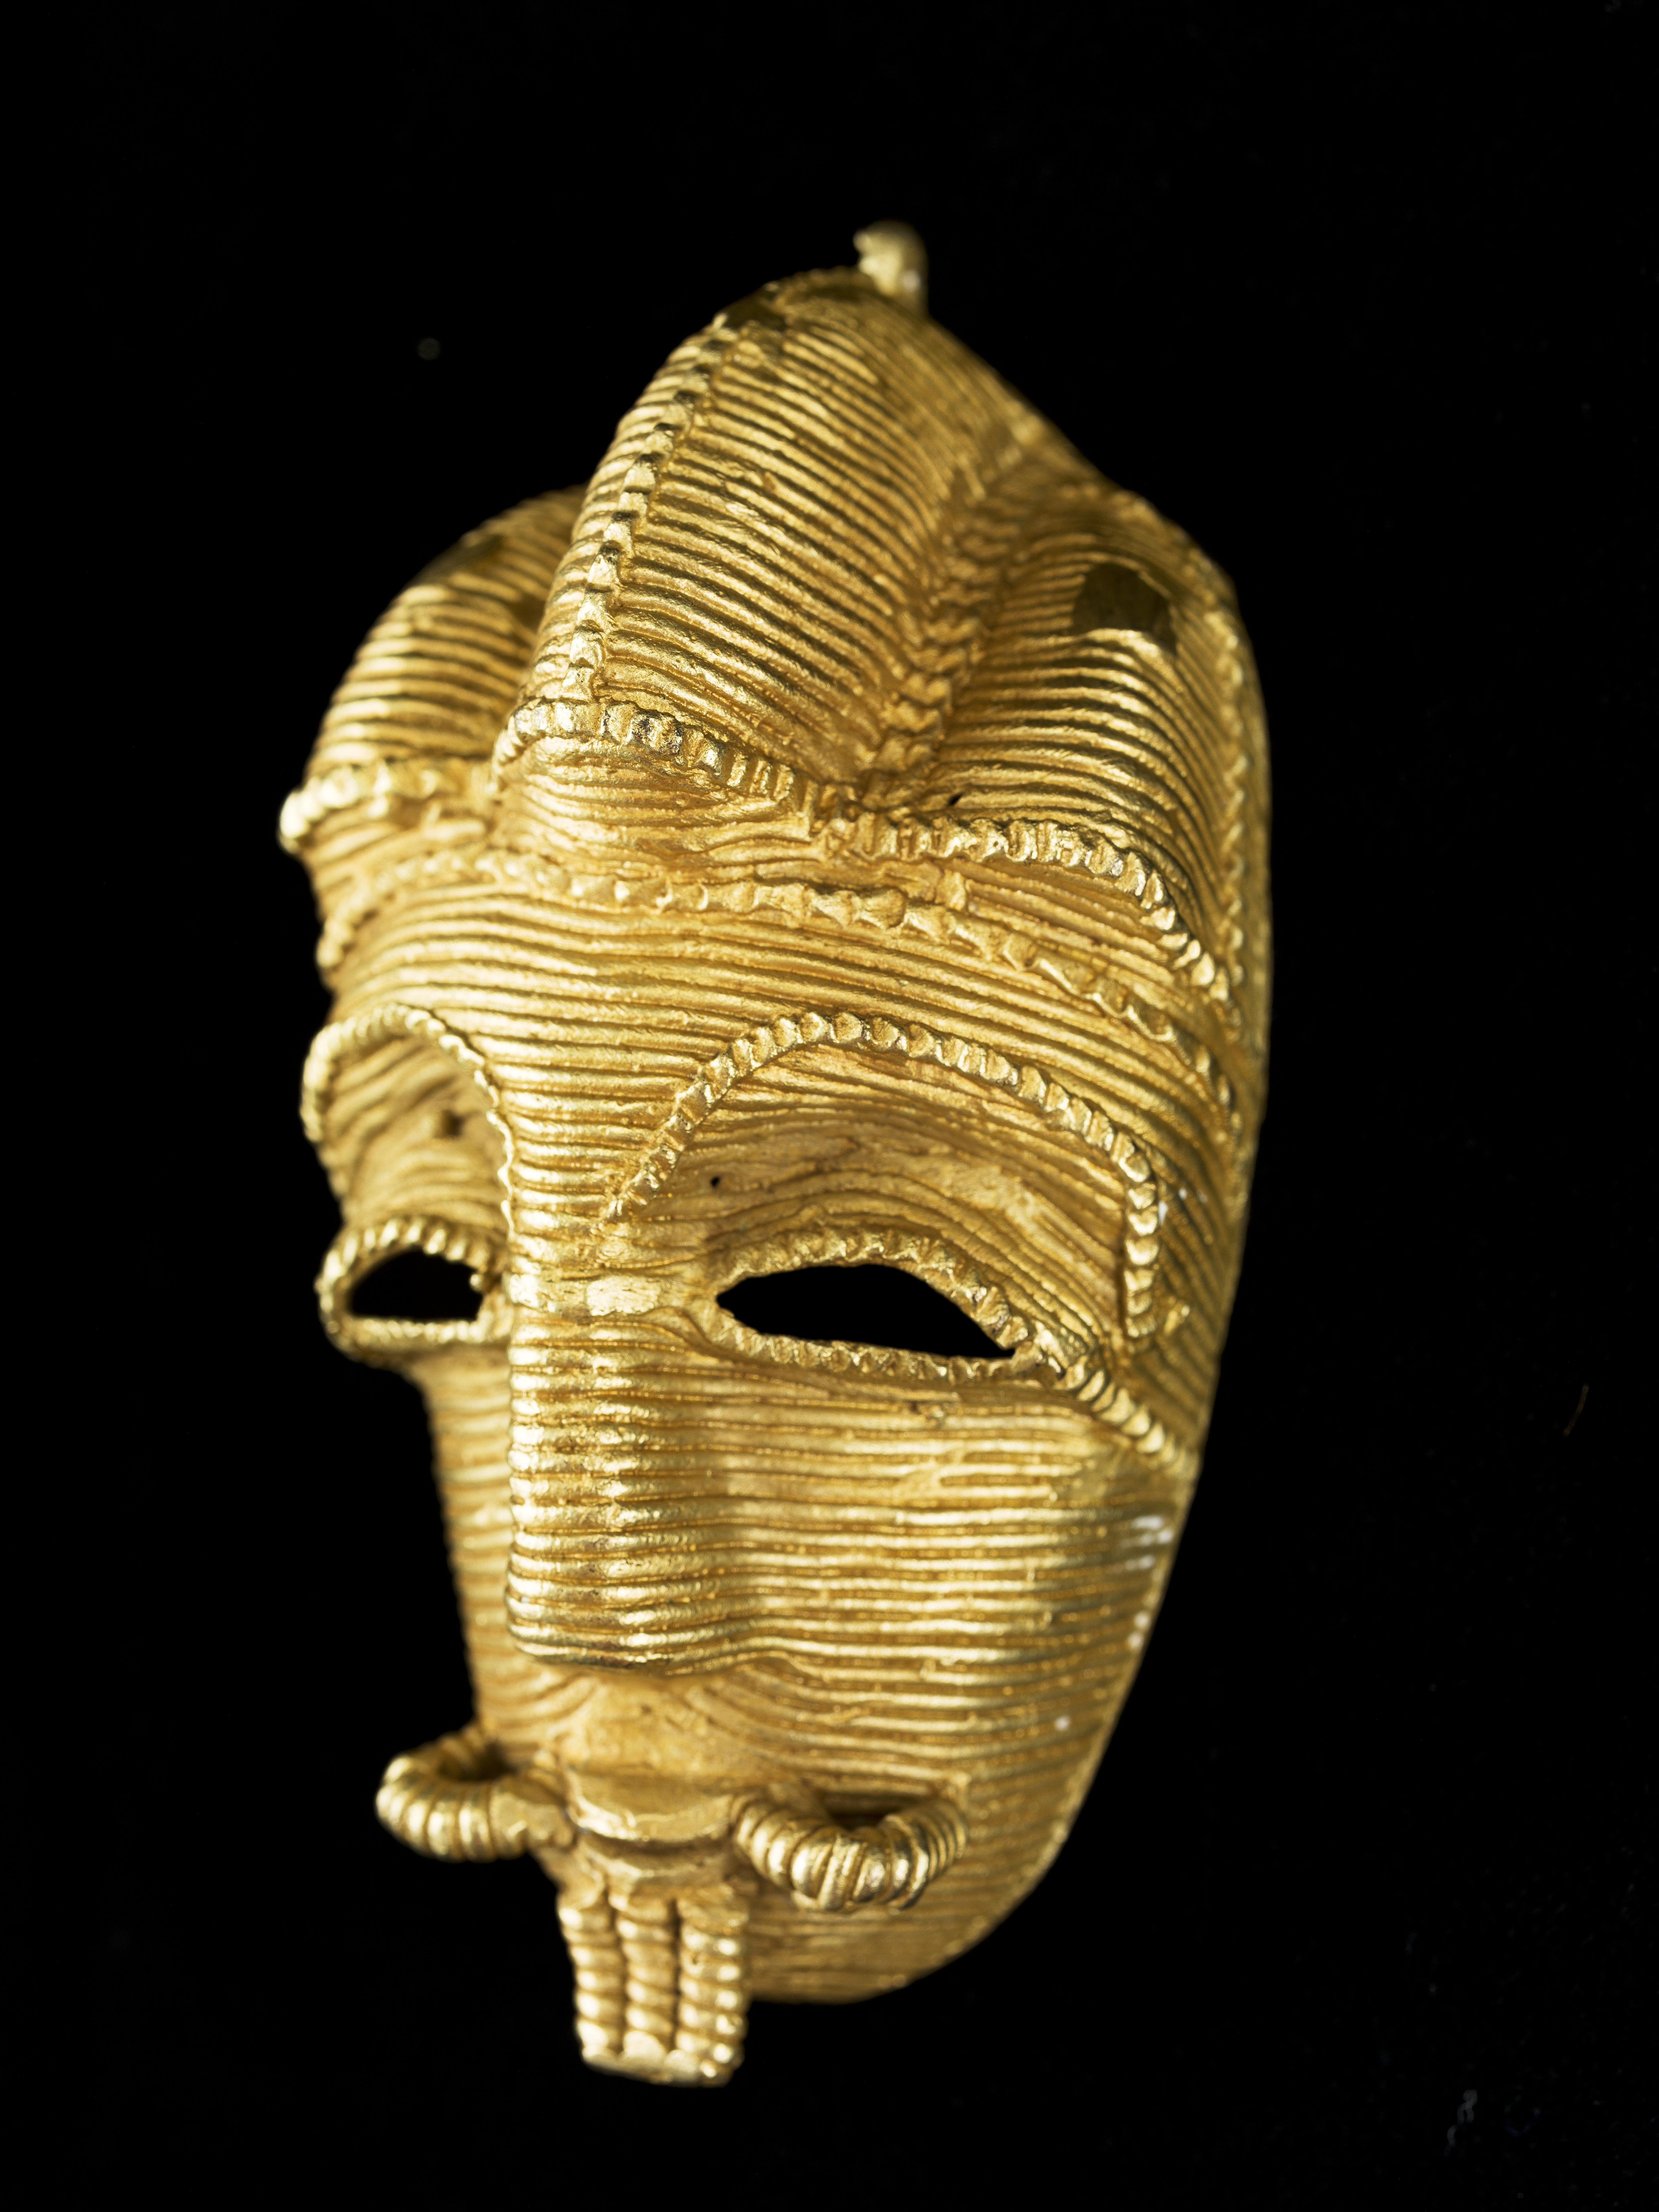 Hanger. Collectie Museu Etnològic i de Cultures del Món, MEB CF 4818